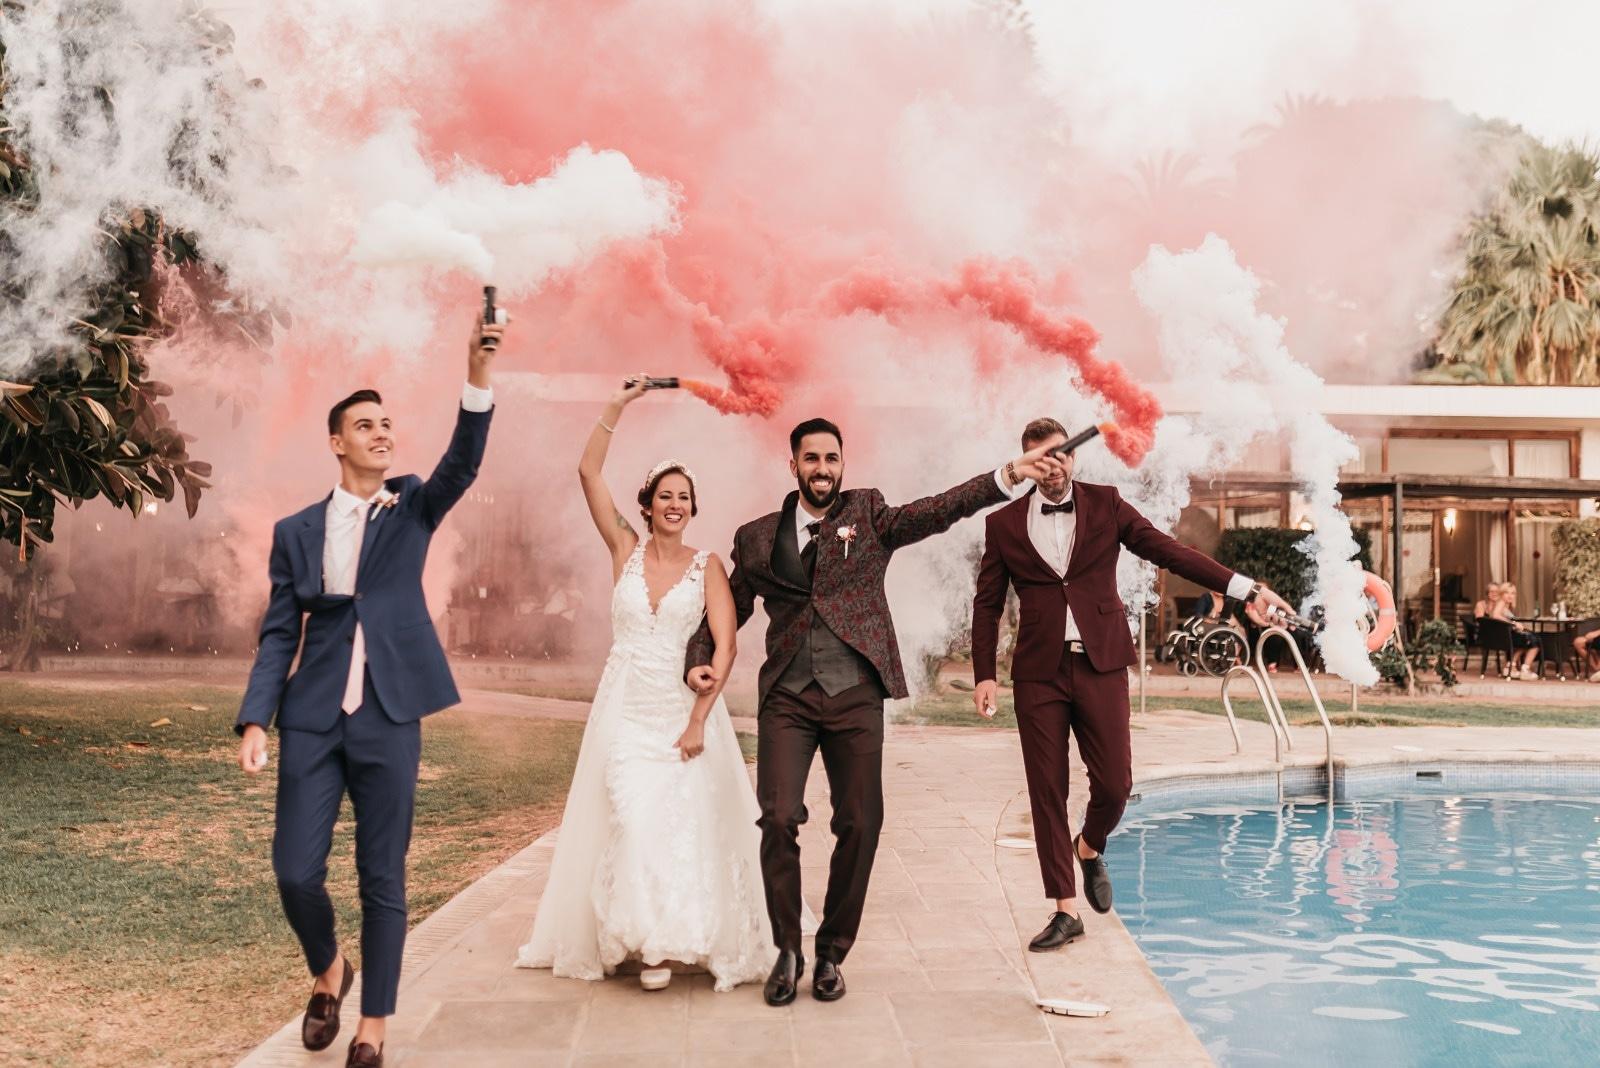 La boda de Raquel y Gómez I: ¡¡Todo un fiestón!!